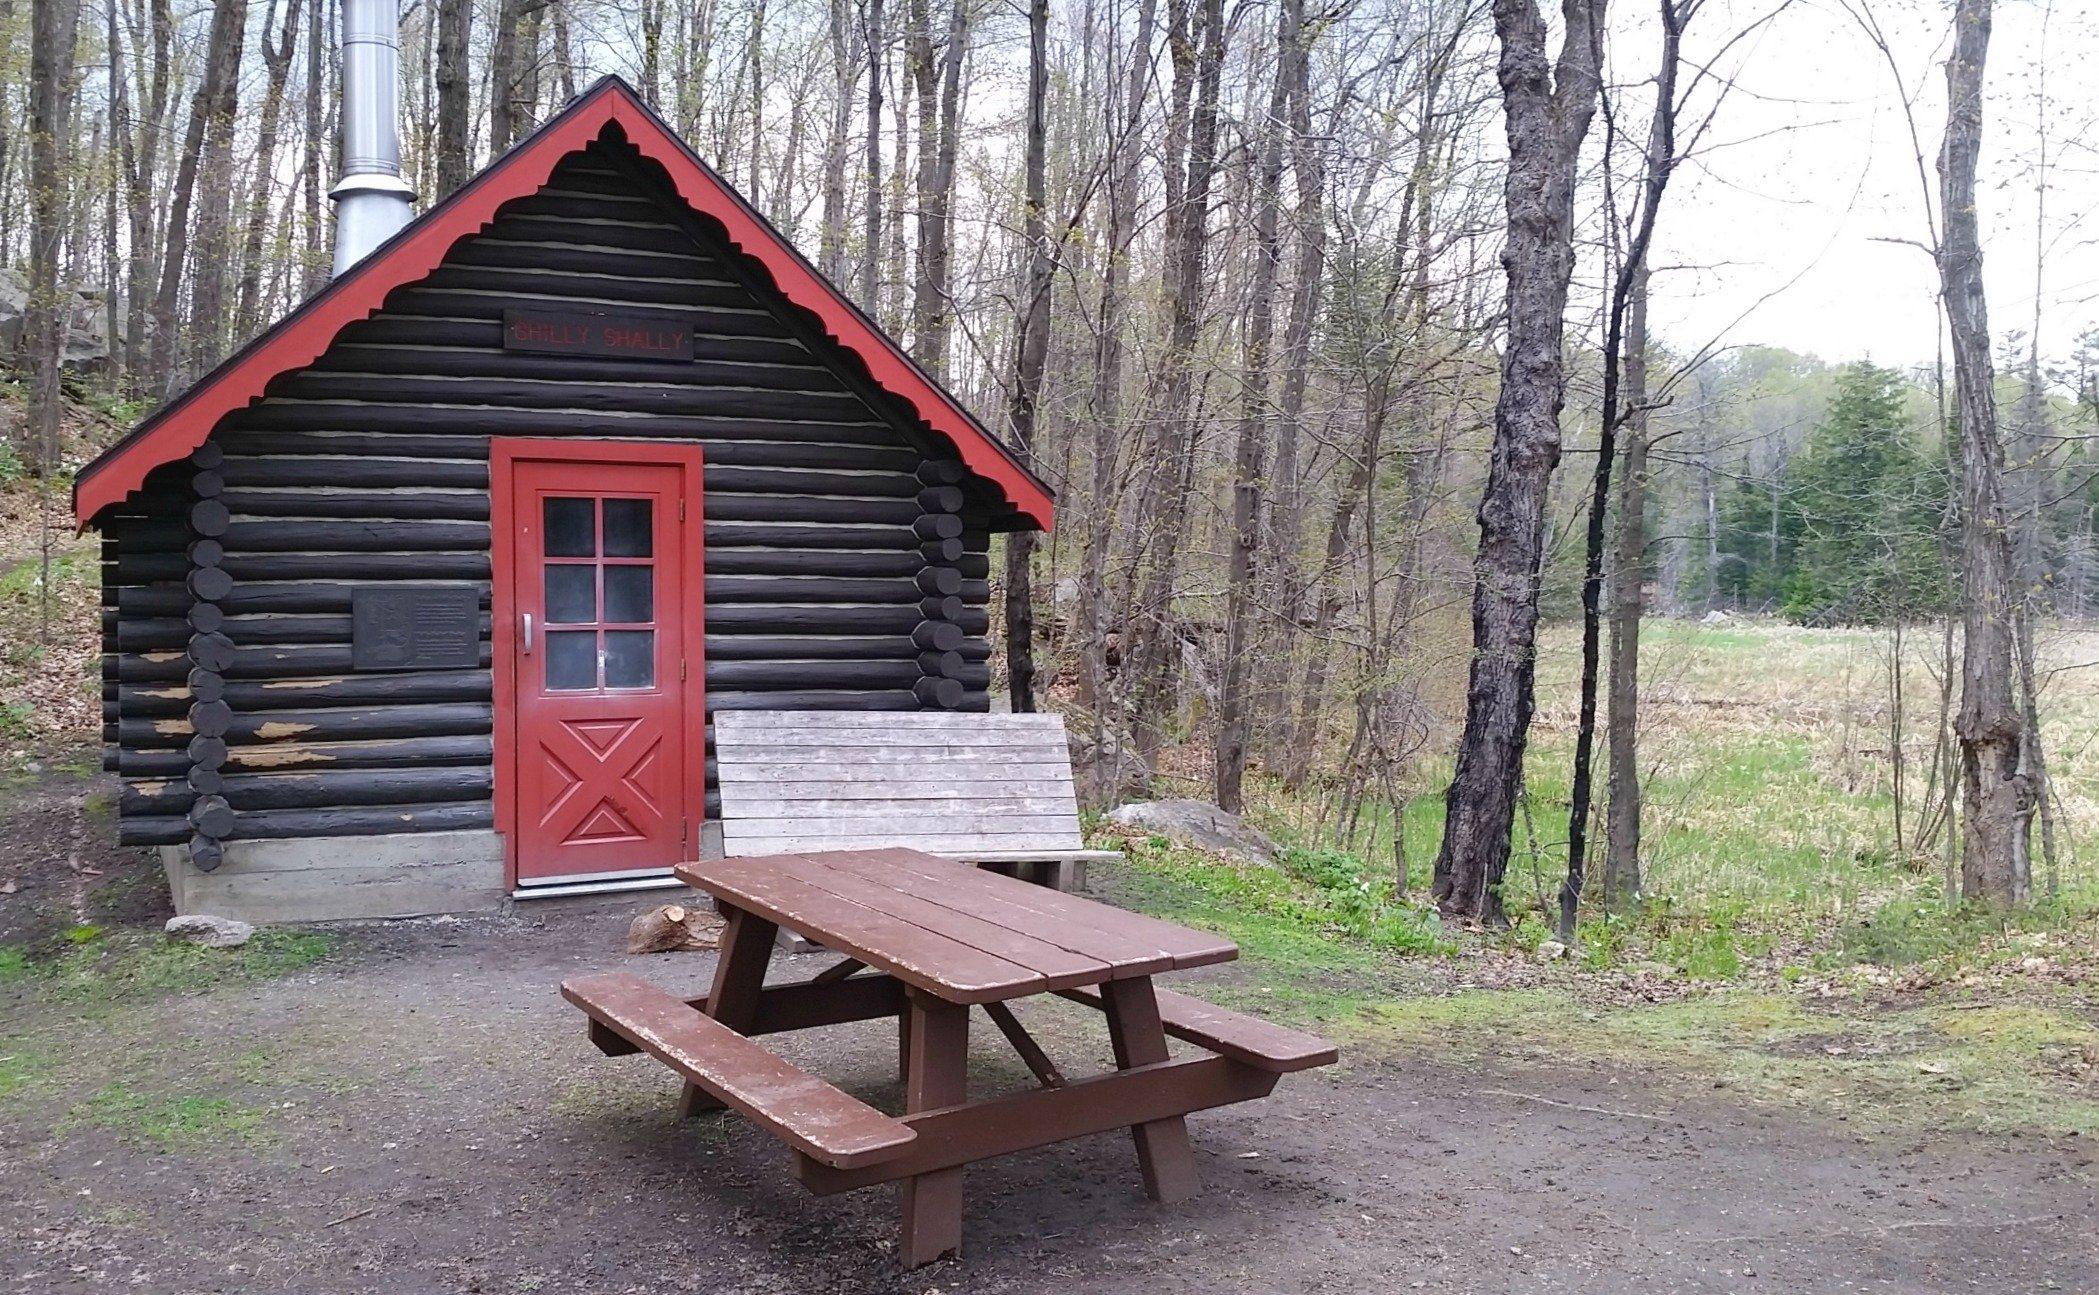 Shilly Shally Shelterin Gatineau Park, near Ottawa Canada